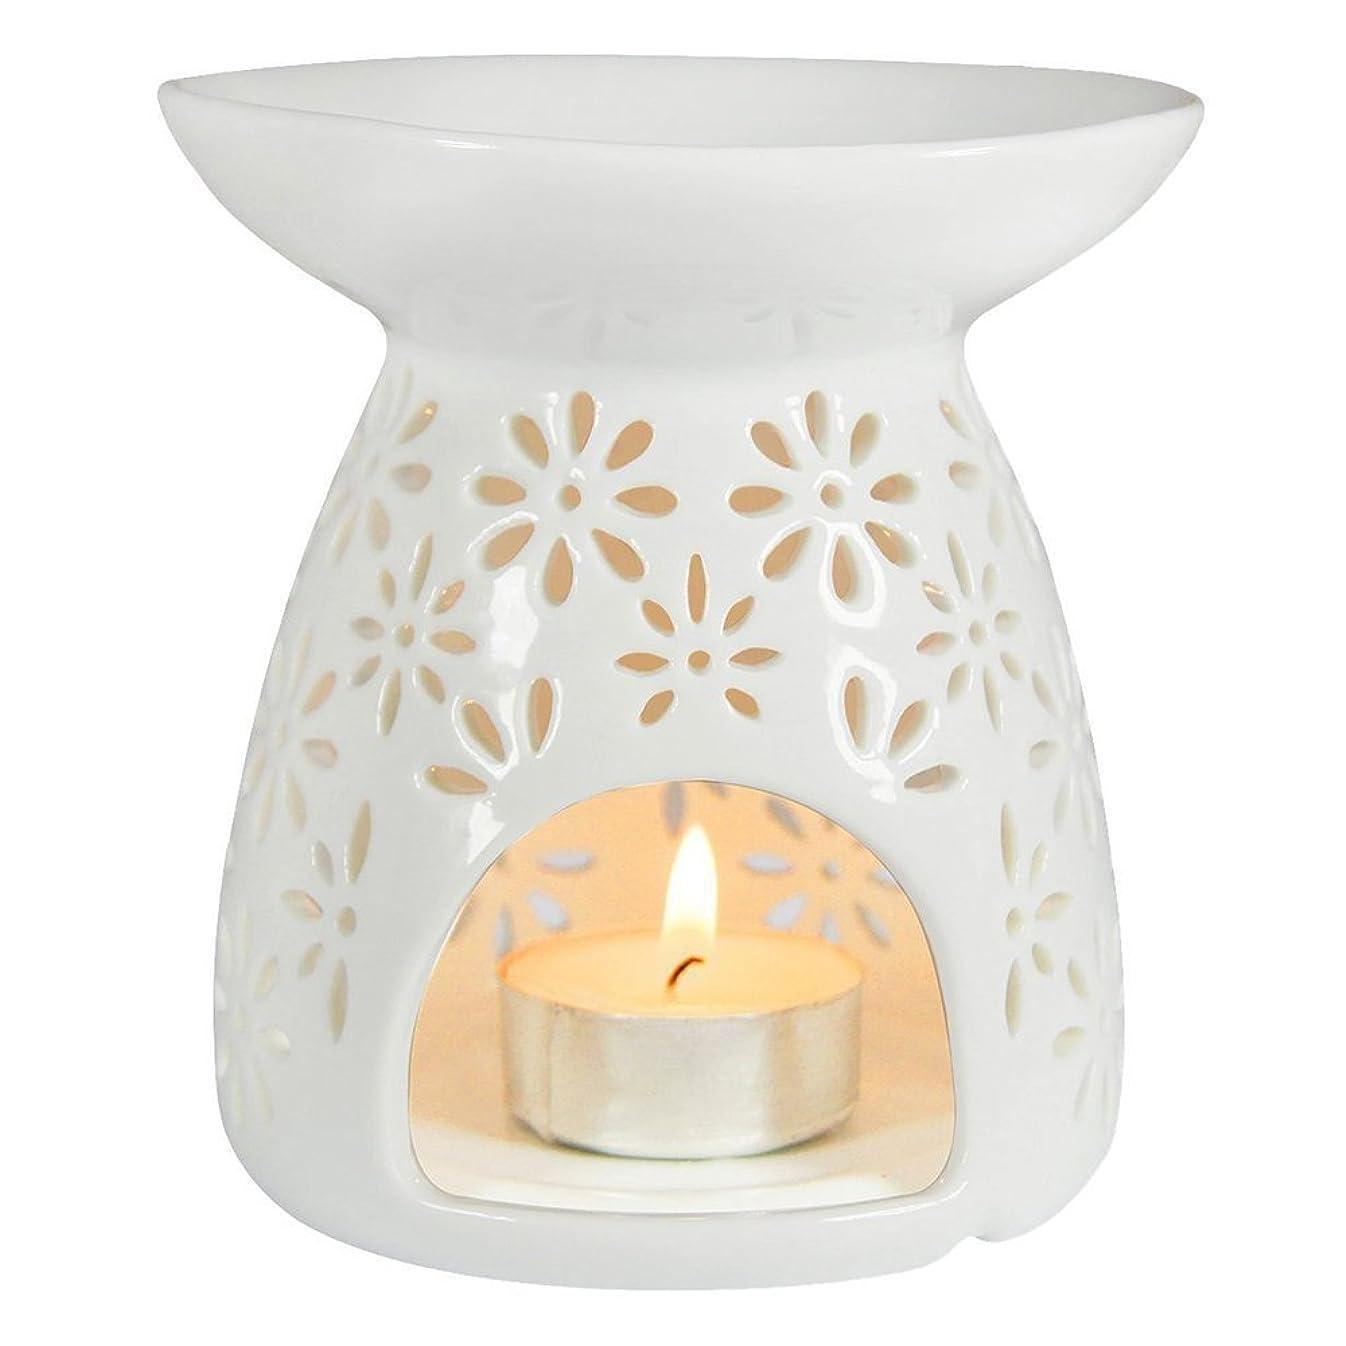 経過仮称交換可能(White) - ToiM Vase Shaped Milk White Ceramic Hollowing Floral Aroma Lamp Candle Warmers Fragrance Warmer Oil Diffuser Essential Oil Lamp Aromatherapy Furnace Ceramic Incense Burner Wax Melt Warmer (White)